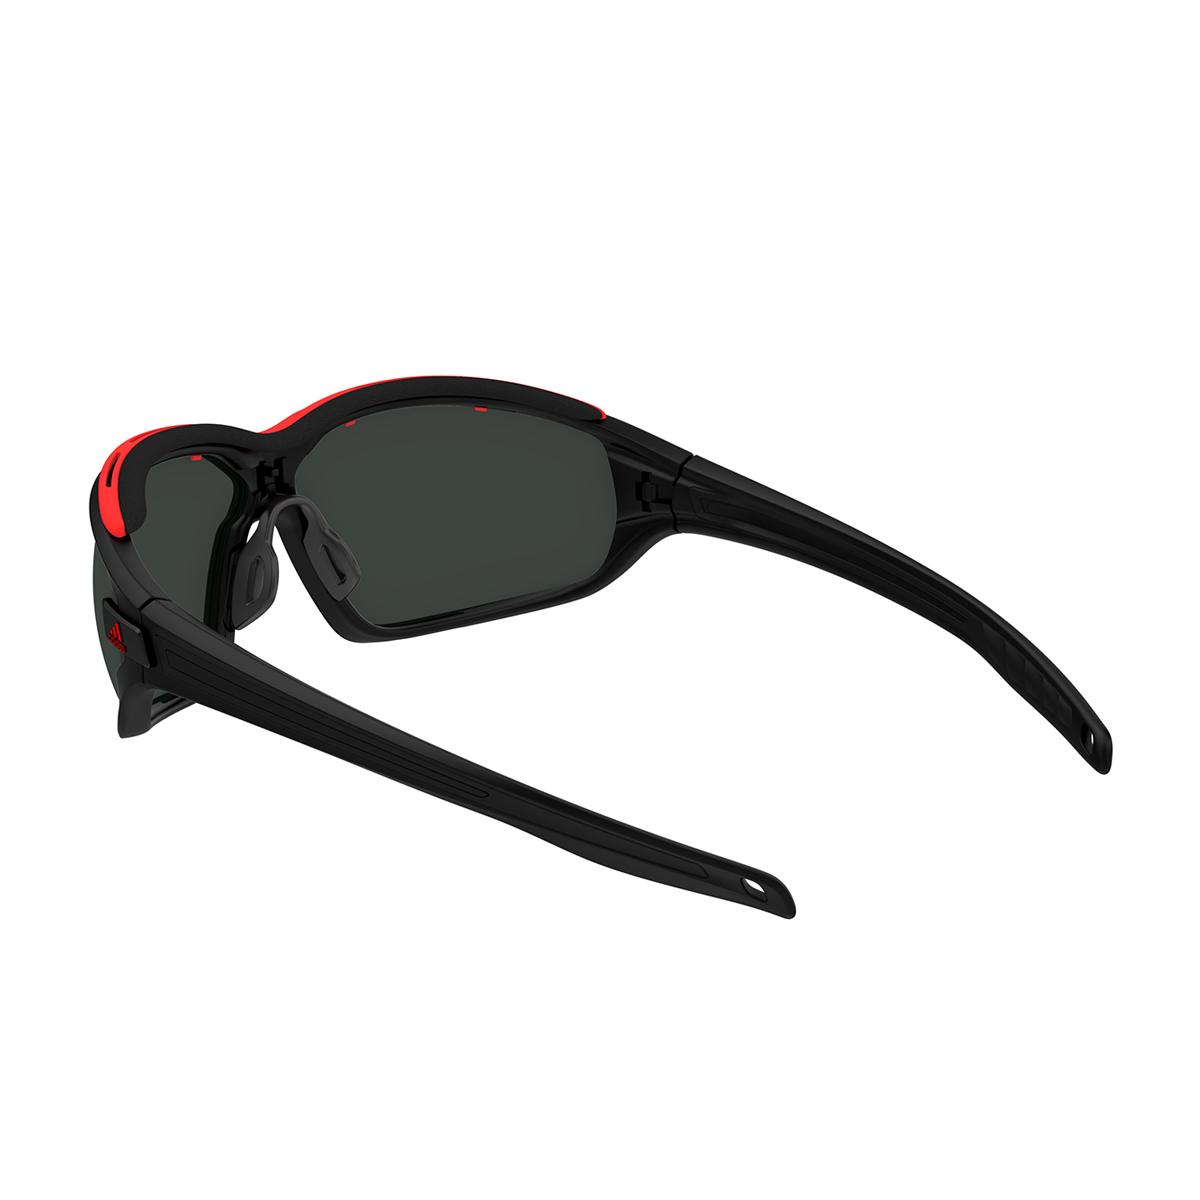 8ede20569a3 Adidas Evil Eye Evo Pro